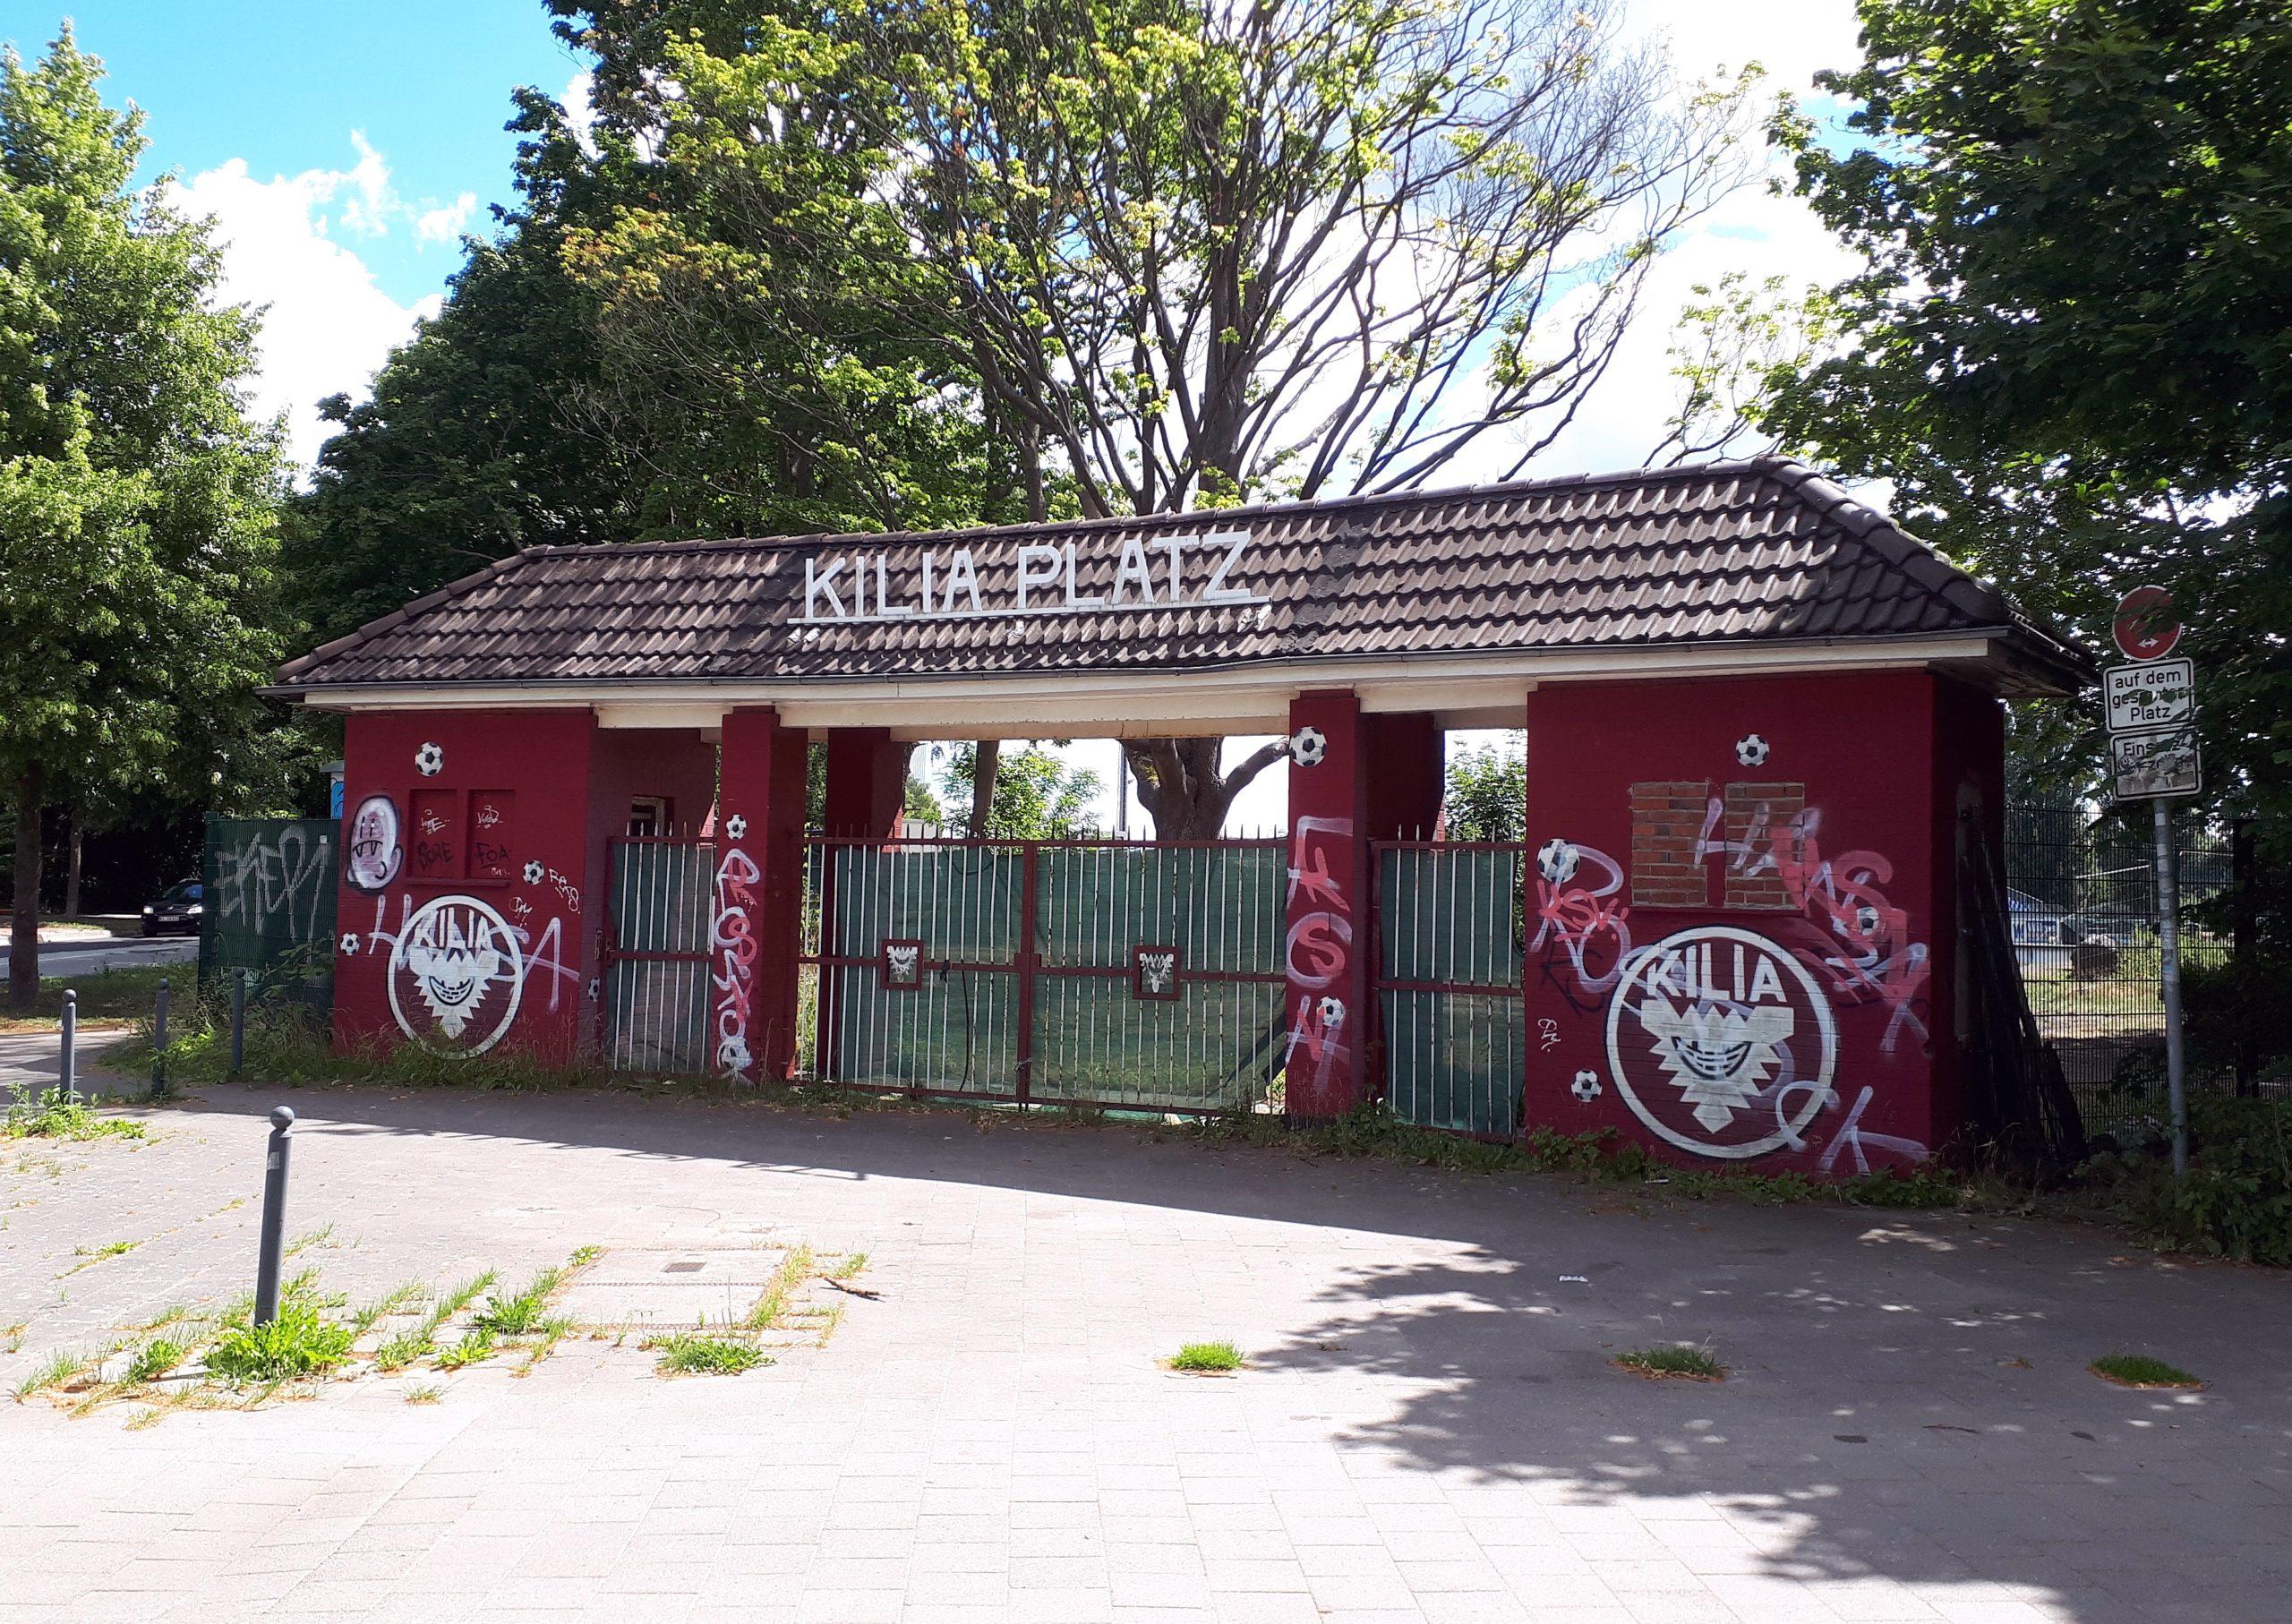 Das Eingangstor vom Kilia-Platz